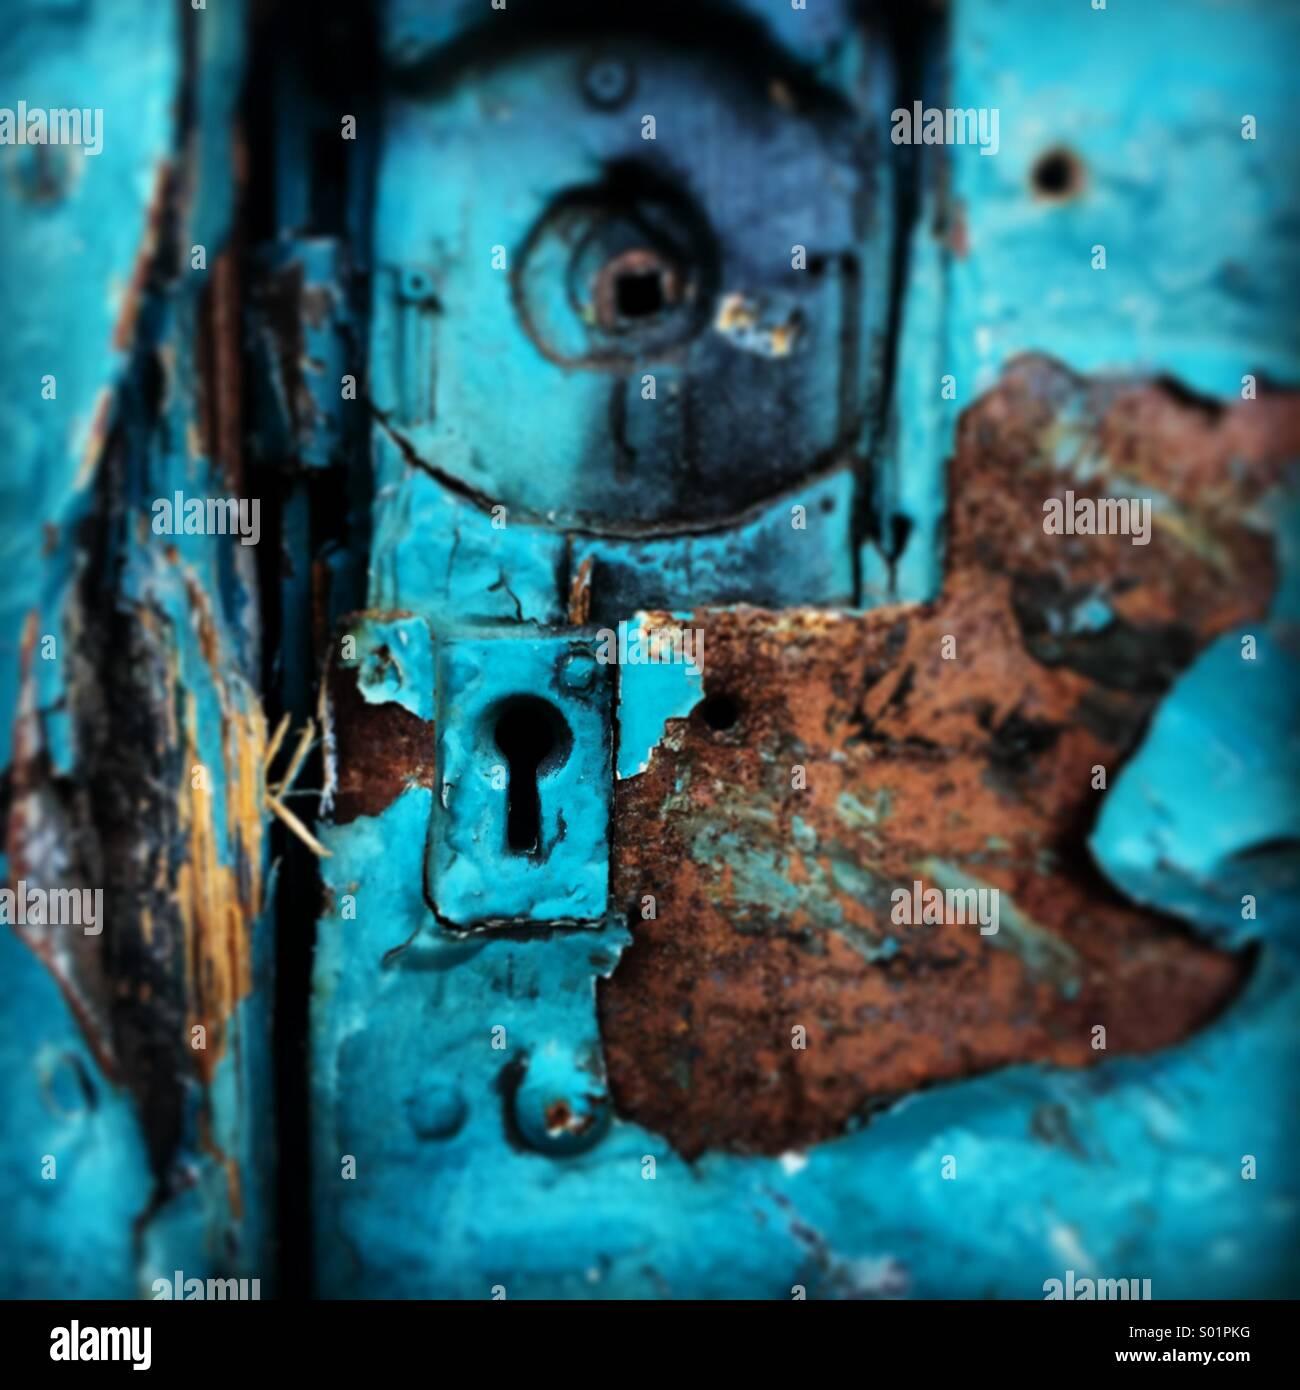 Rostigen alten heruntergekommenen gemalte blaue Tür mit kaputten Schloss. Stockbild